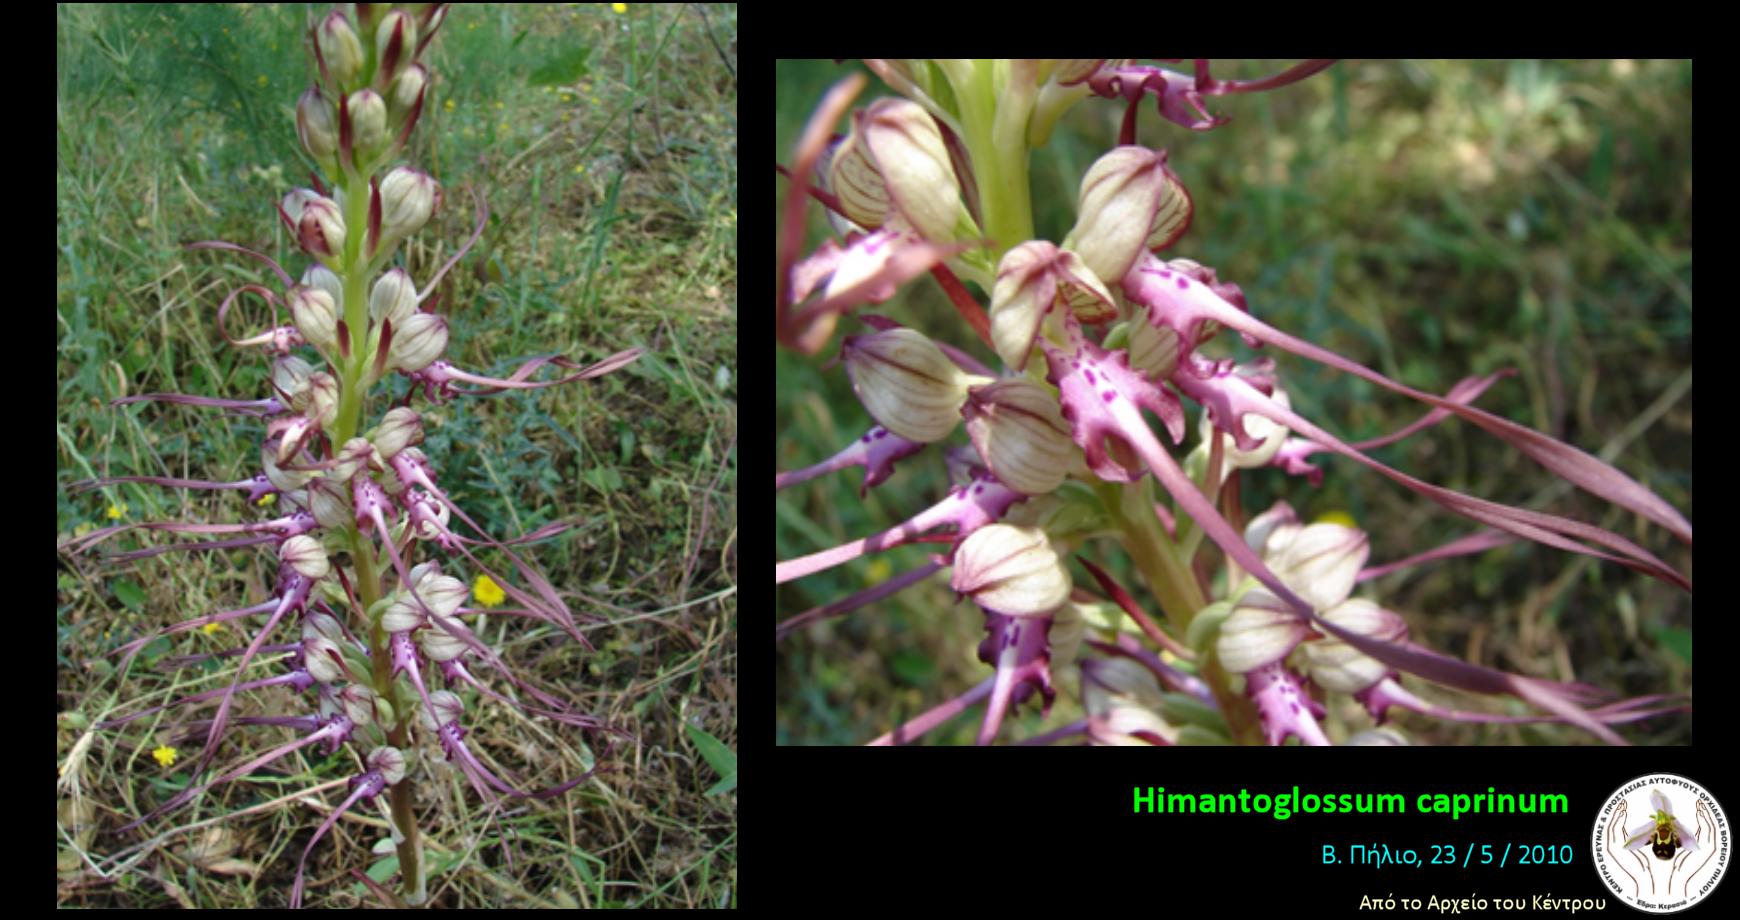 Himantoglossum caprinum.png